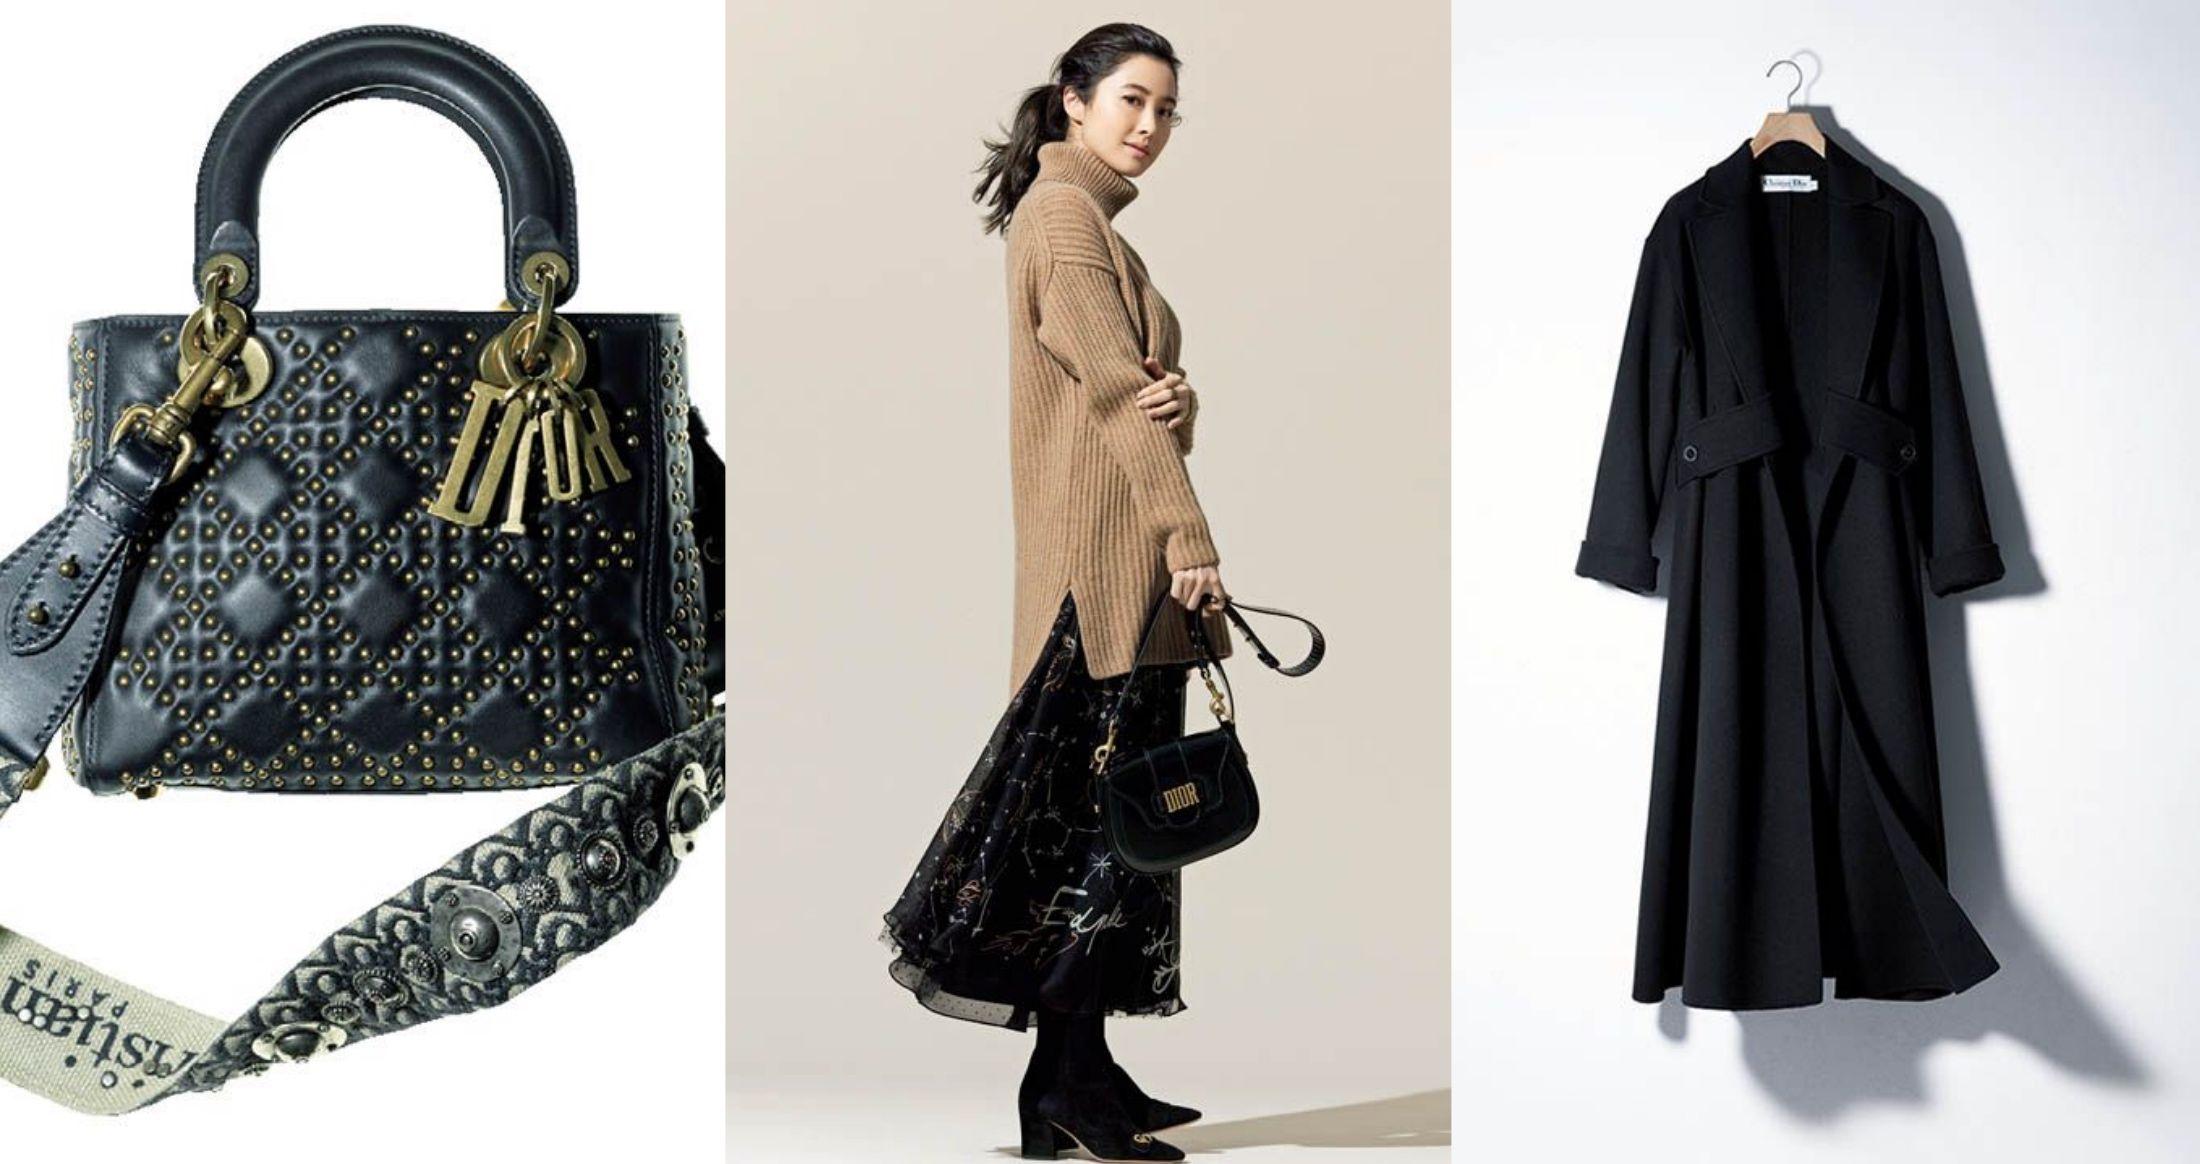 DIOR(ディオール)のバッグ、コーディネート、コートが並んでいる写真